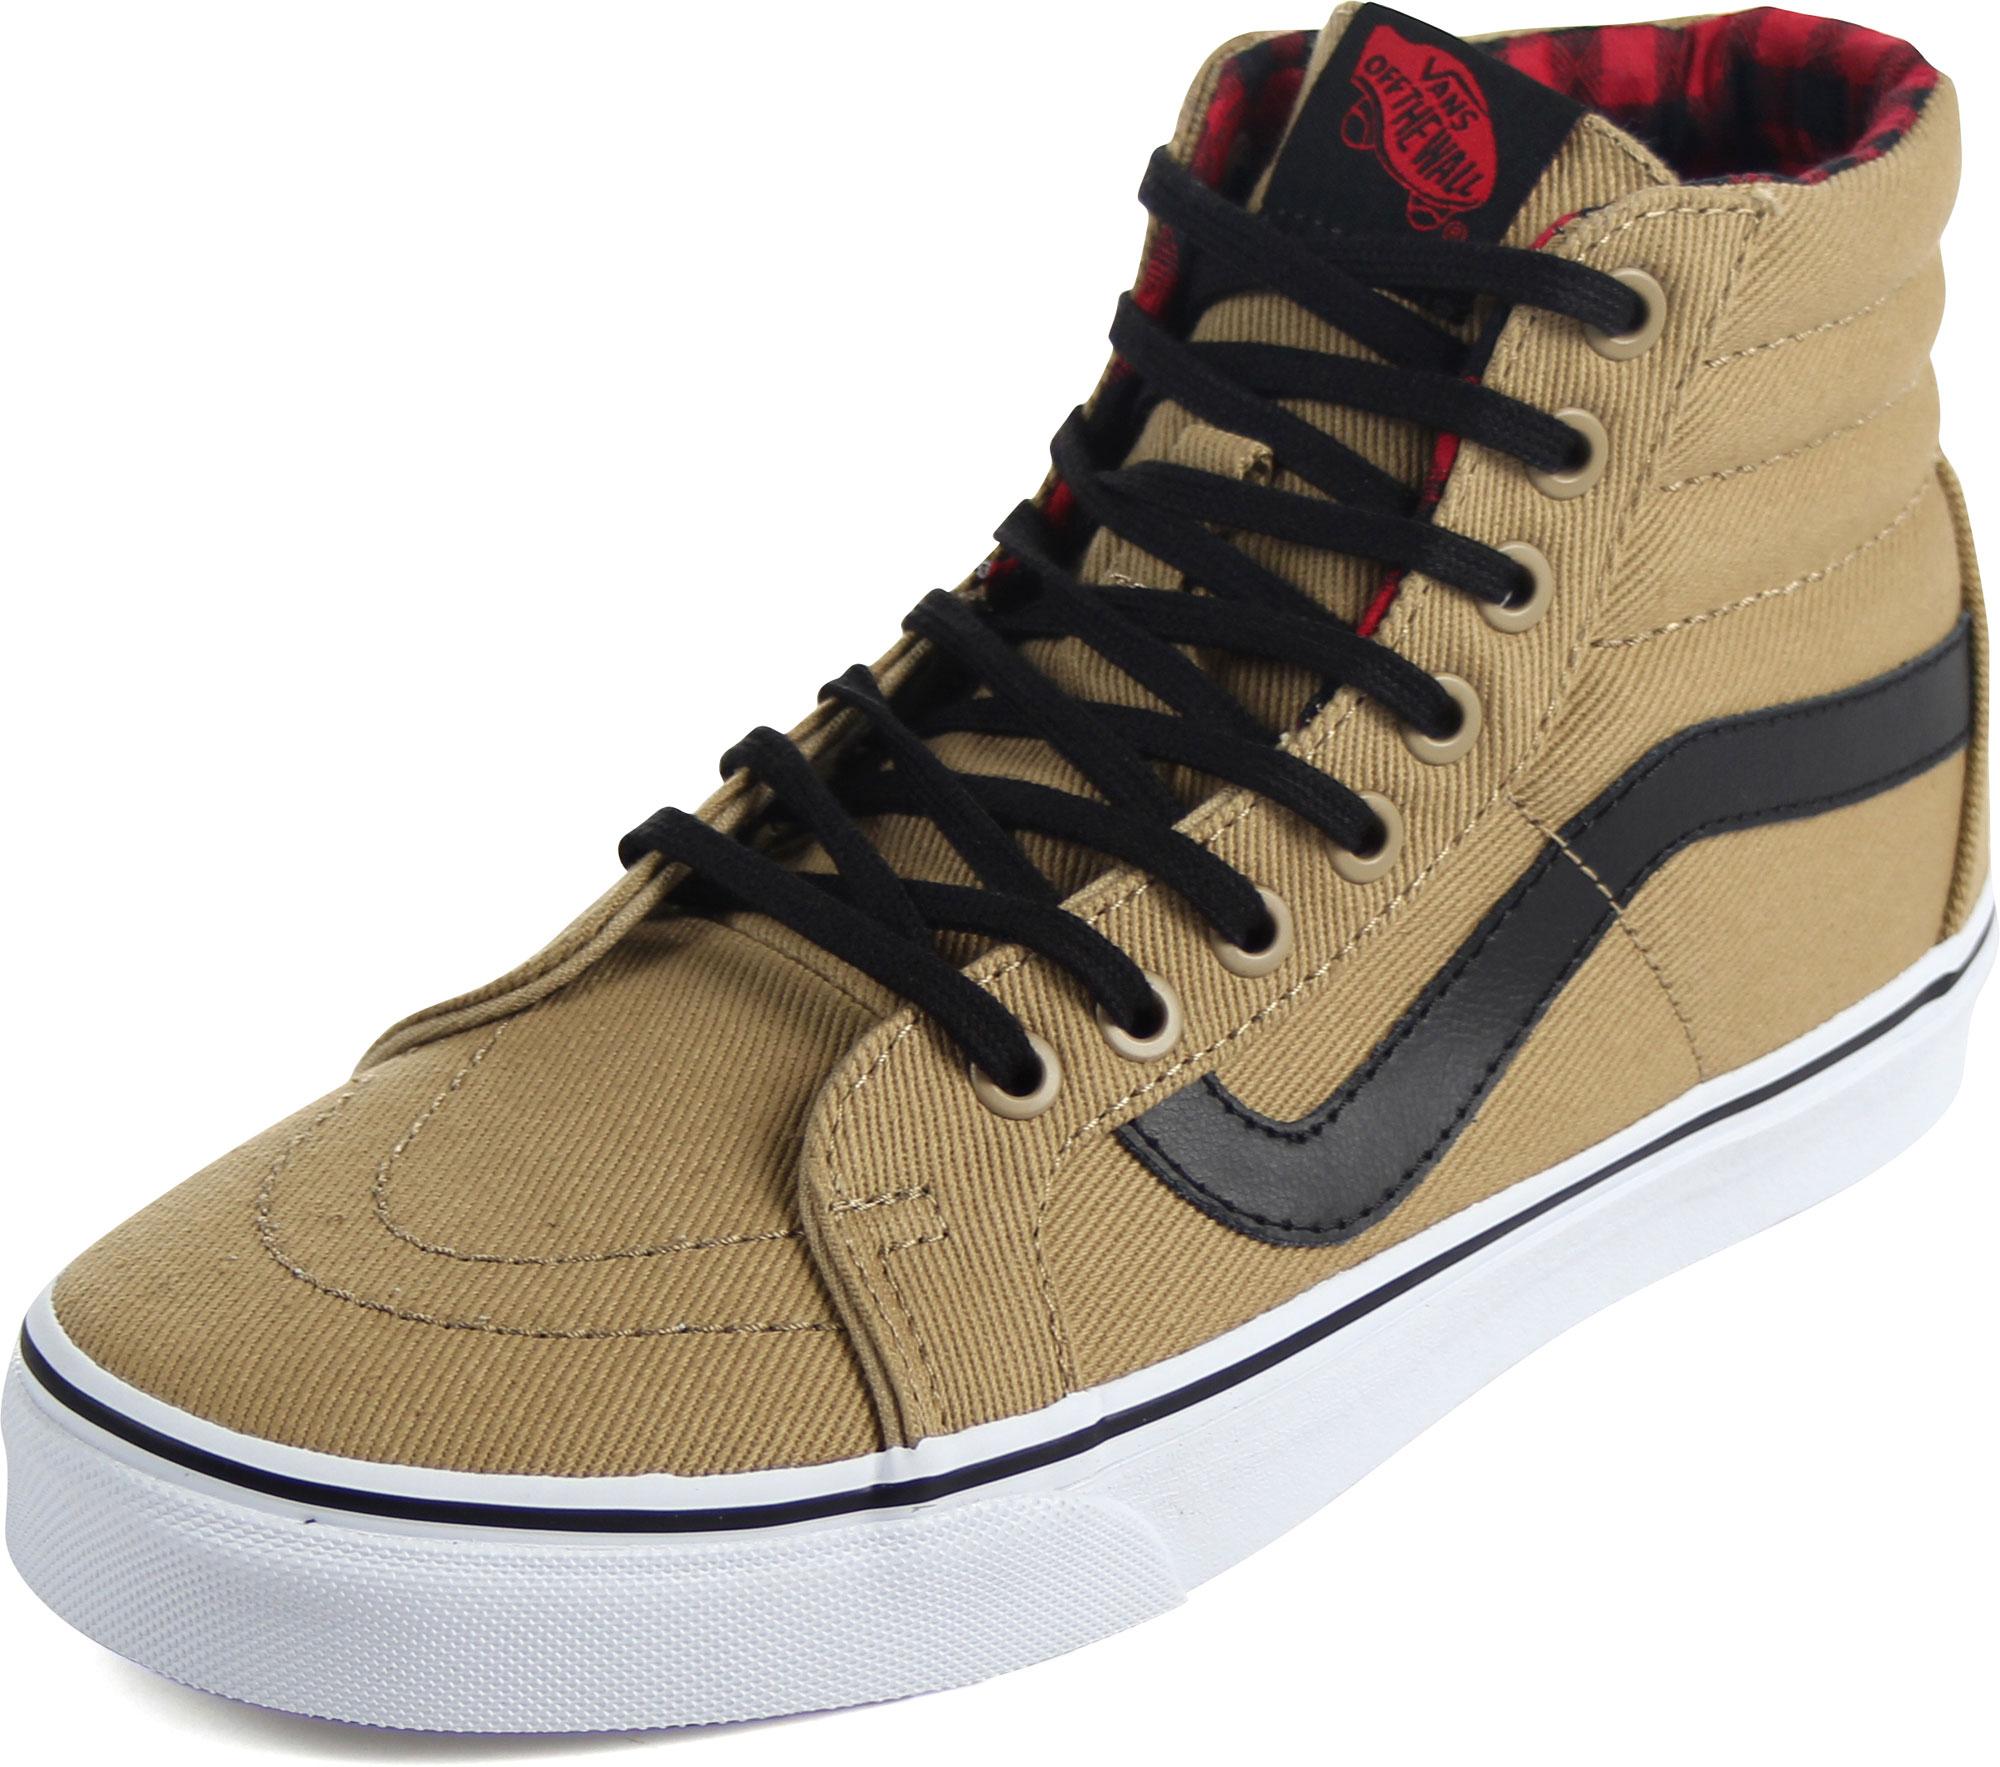 Vans - Unisex-Adult Sk8-Hi Reissue Shoes 0c4eb33e0